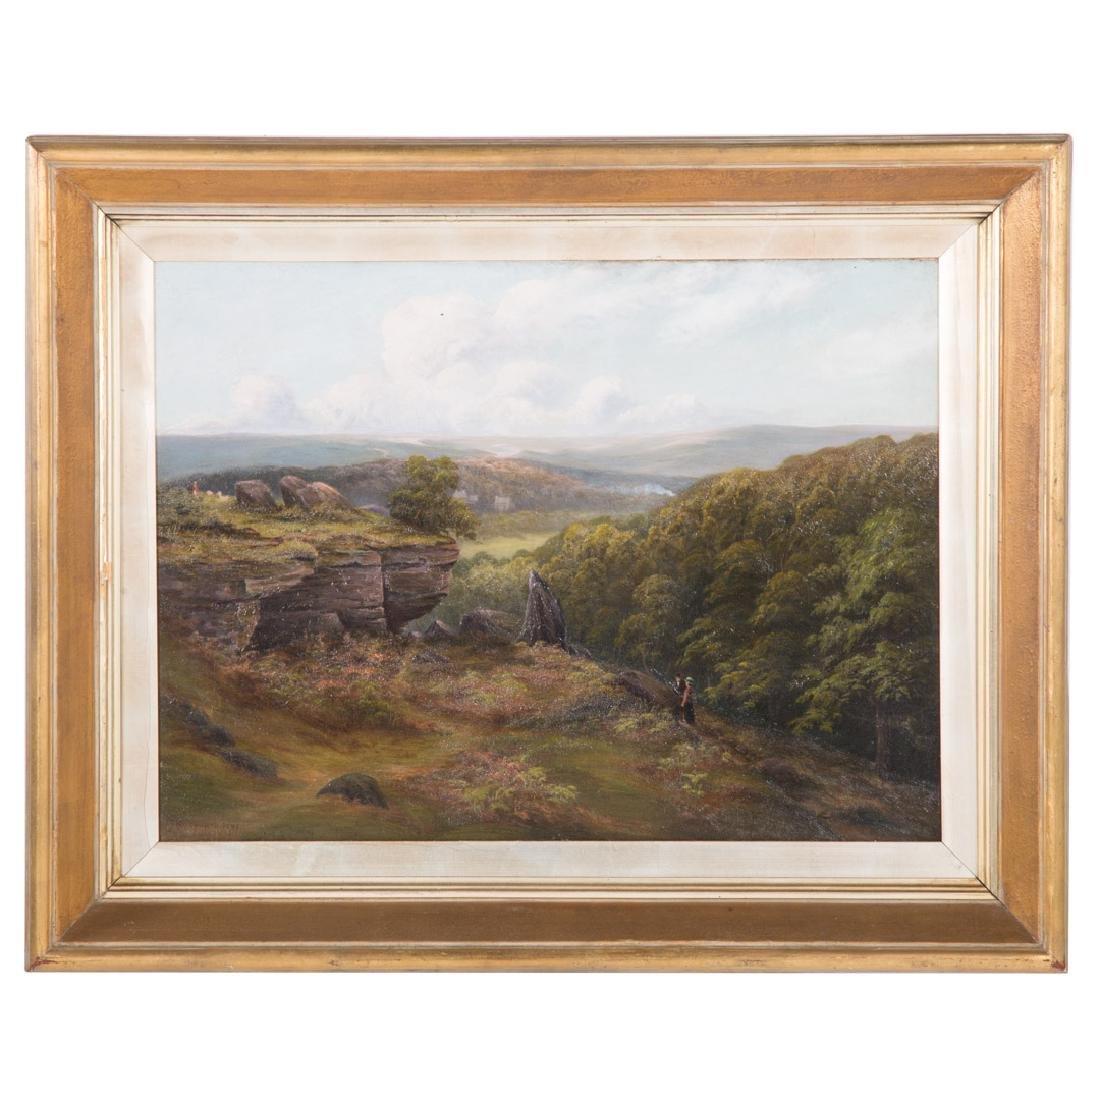 J. Holdforth. Landscape with Figures, oil